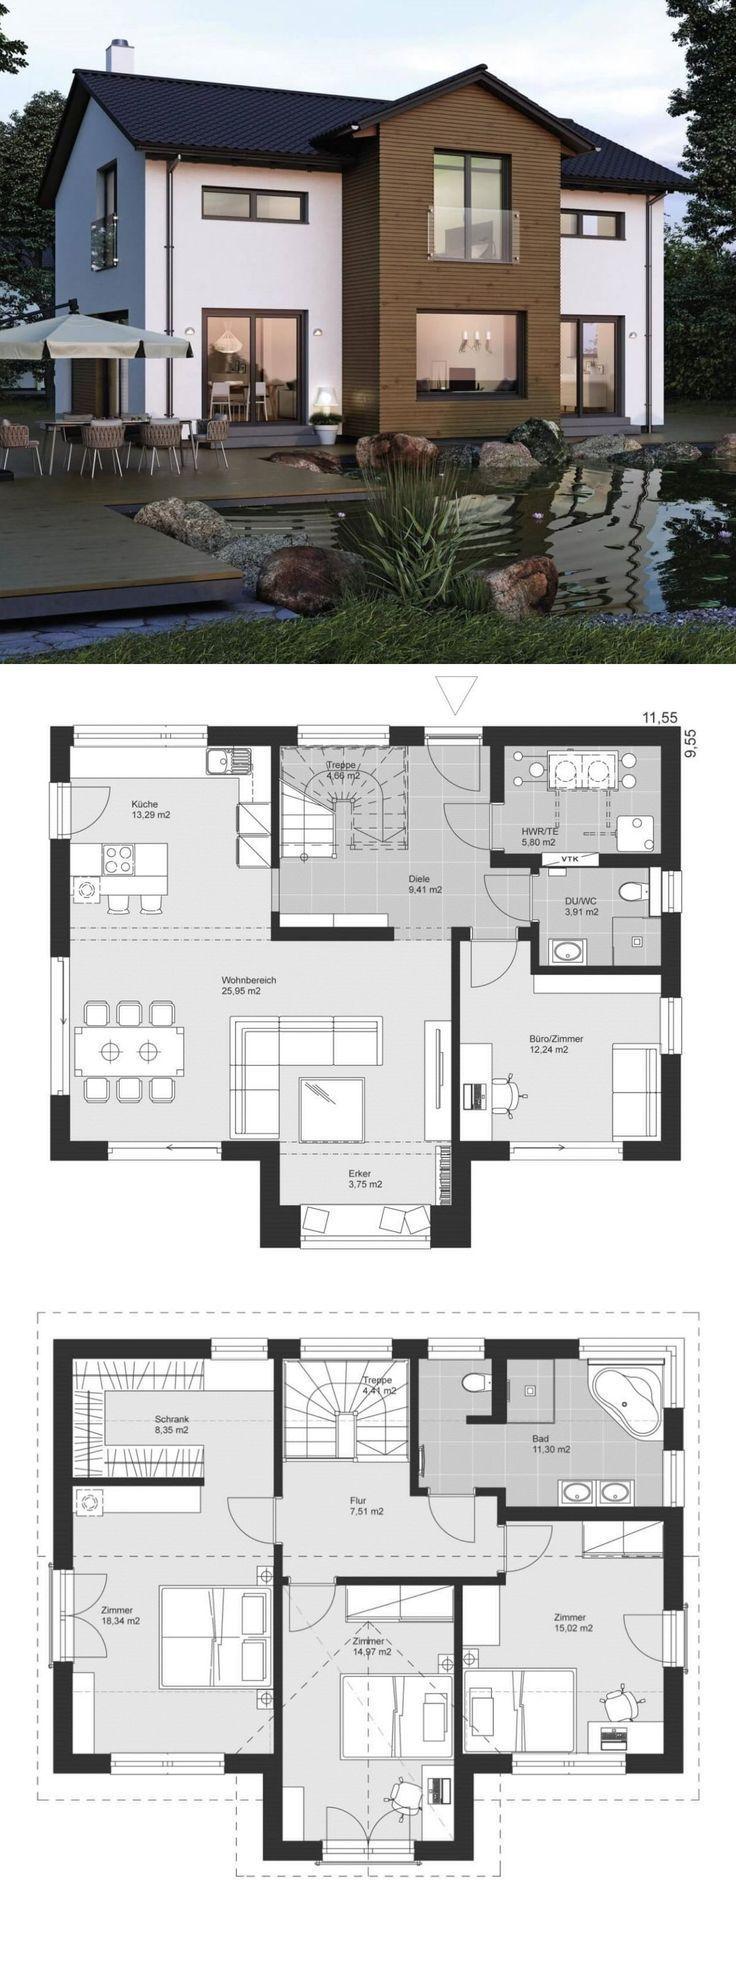 Modernes Einfamilienhaus im Landhausstil mit Sattelboden